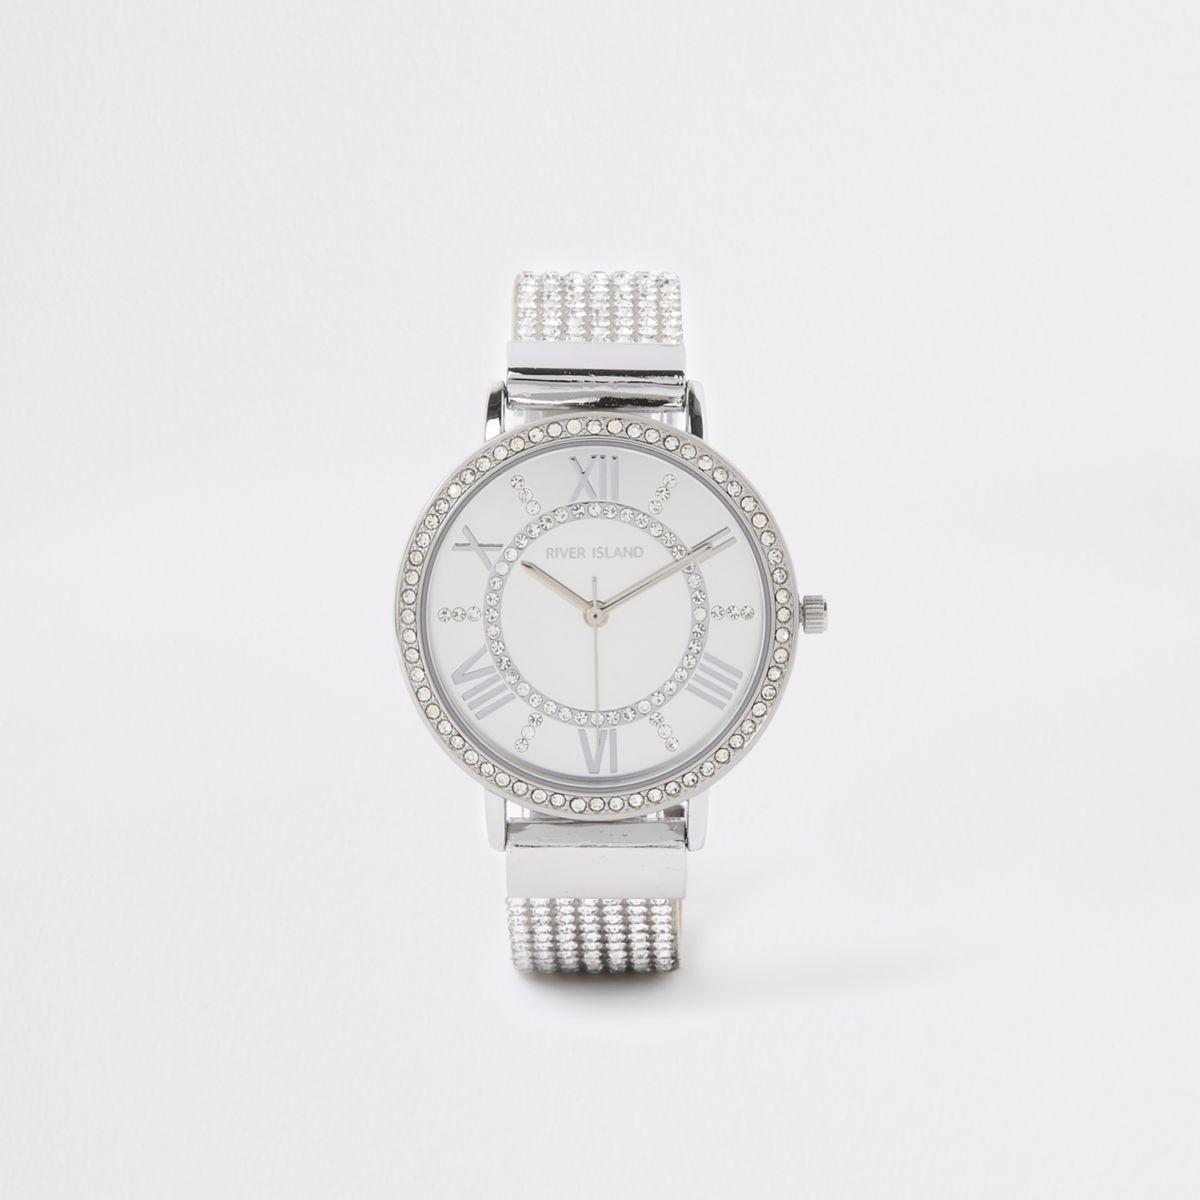 Silver tone rhinestone encrusted strap watch